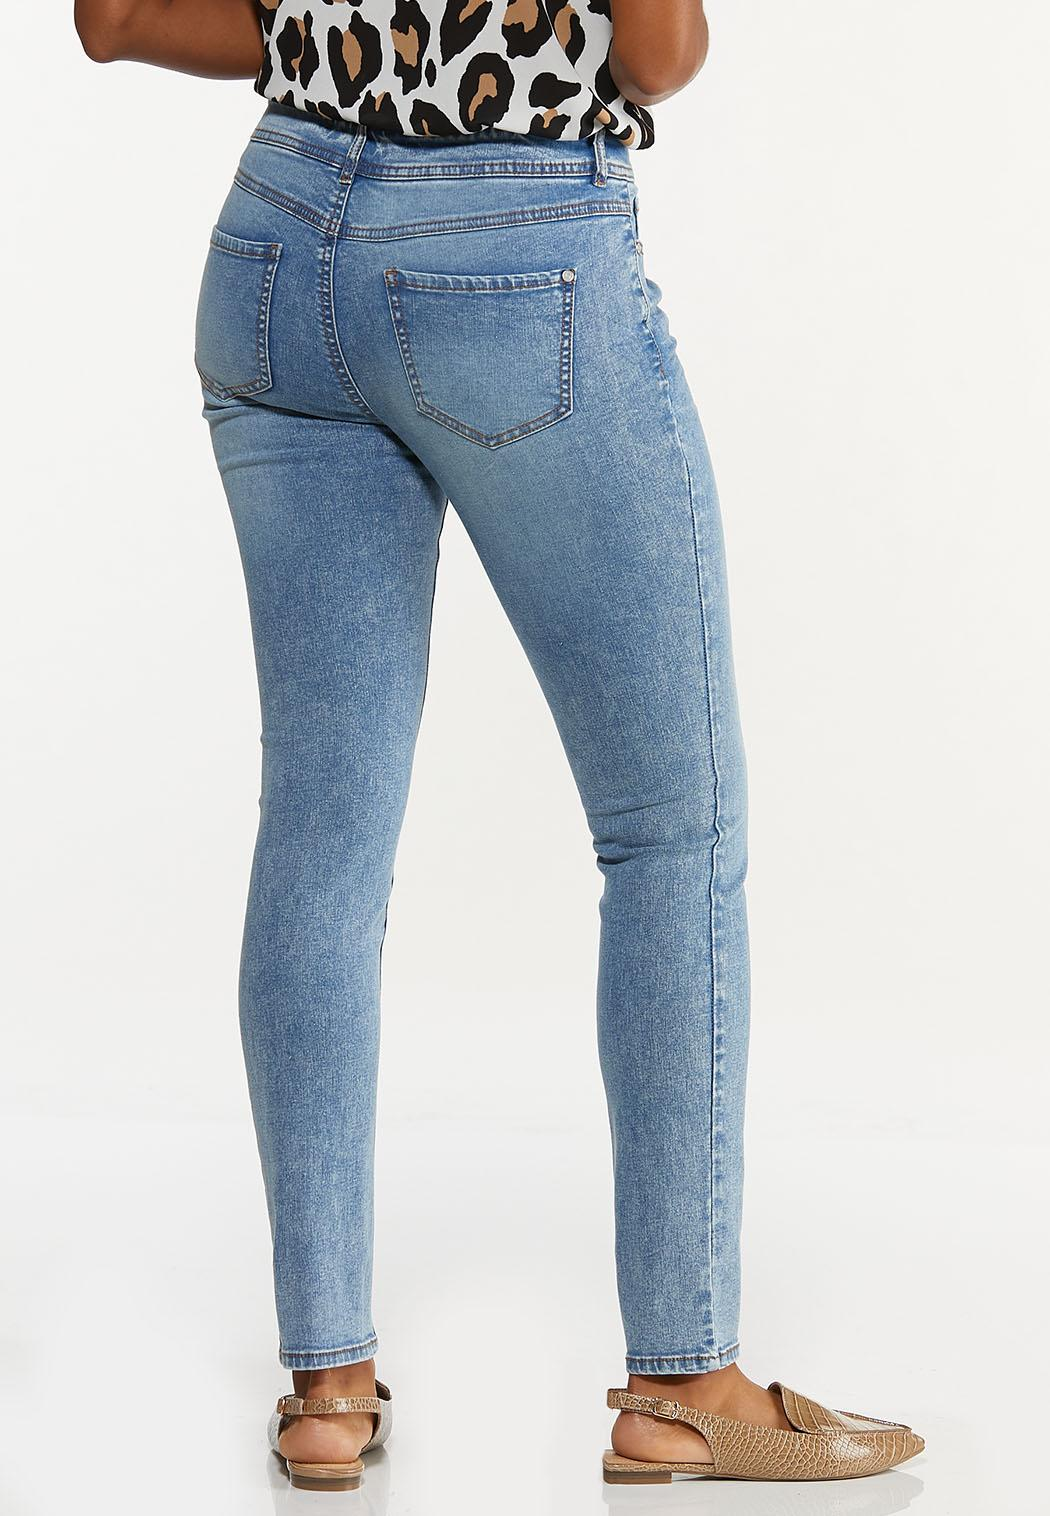 Petite Super Stretch Skinny Jeans (Item #44644946)